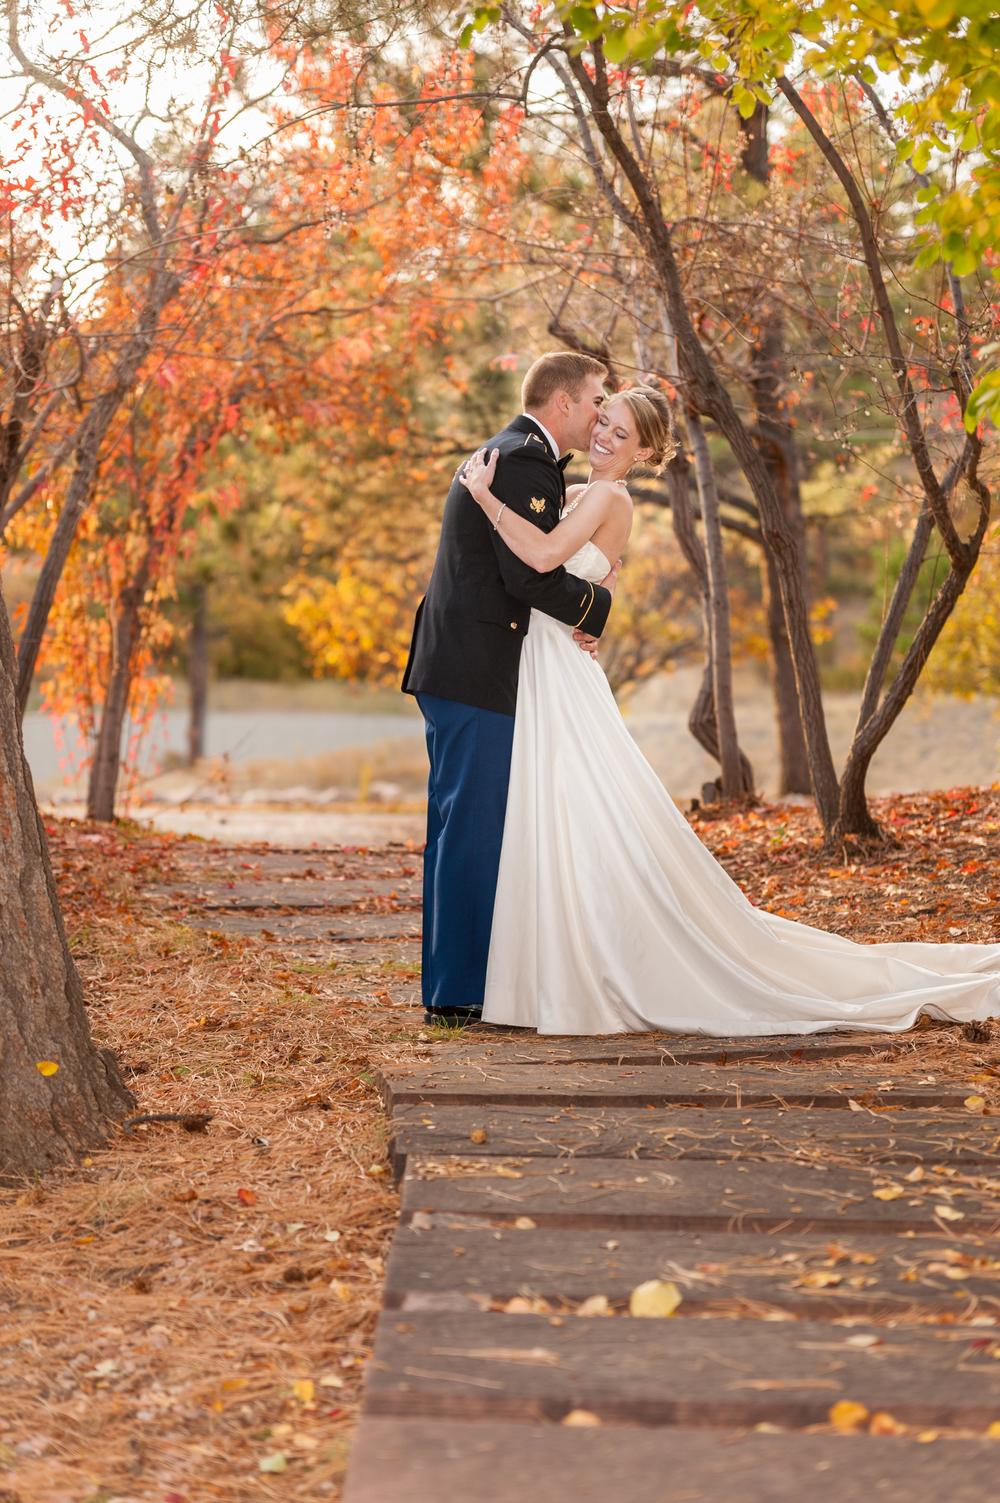 wedding_day_couple_portraits_walkway_fall_smile